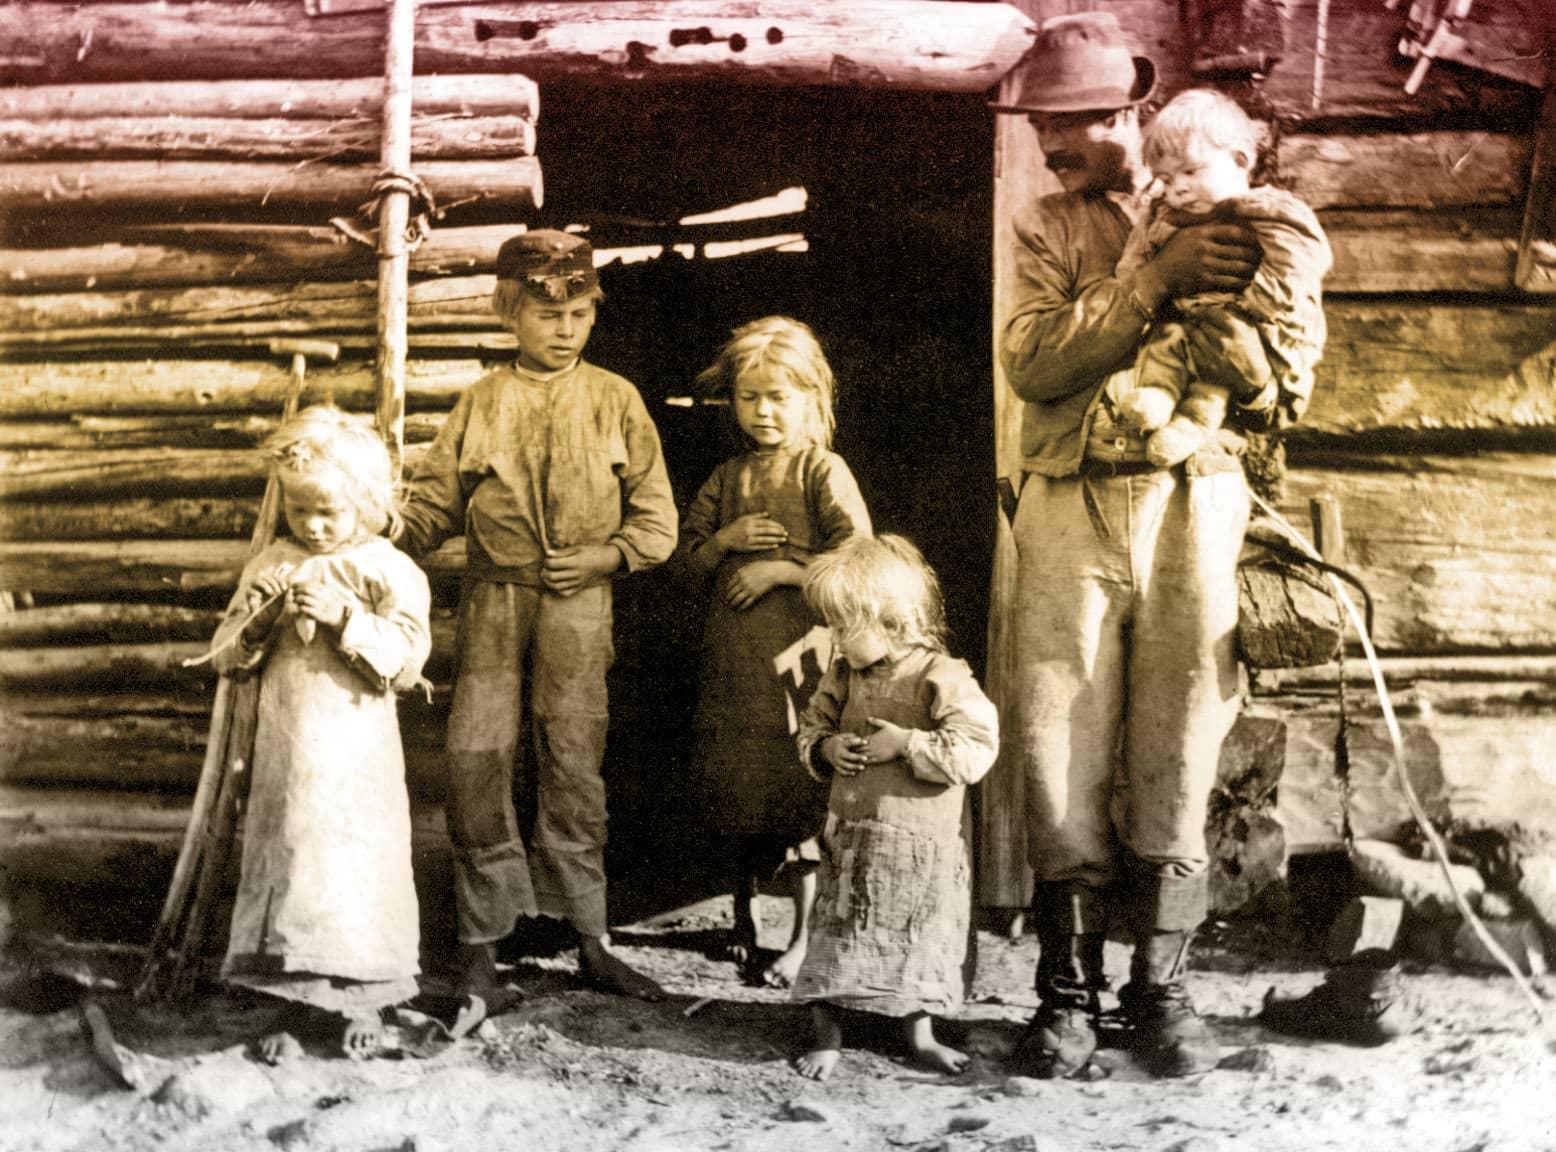 Kun Suomesta tuli Suomi -sarjan pääkuva Luukkosen perheestä Taivalkoskella, joka joutui kesällä 1917 turvautumaan pettuleivän syöntiin. Kuva: Samuli Paulaharju / Museovirasto